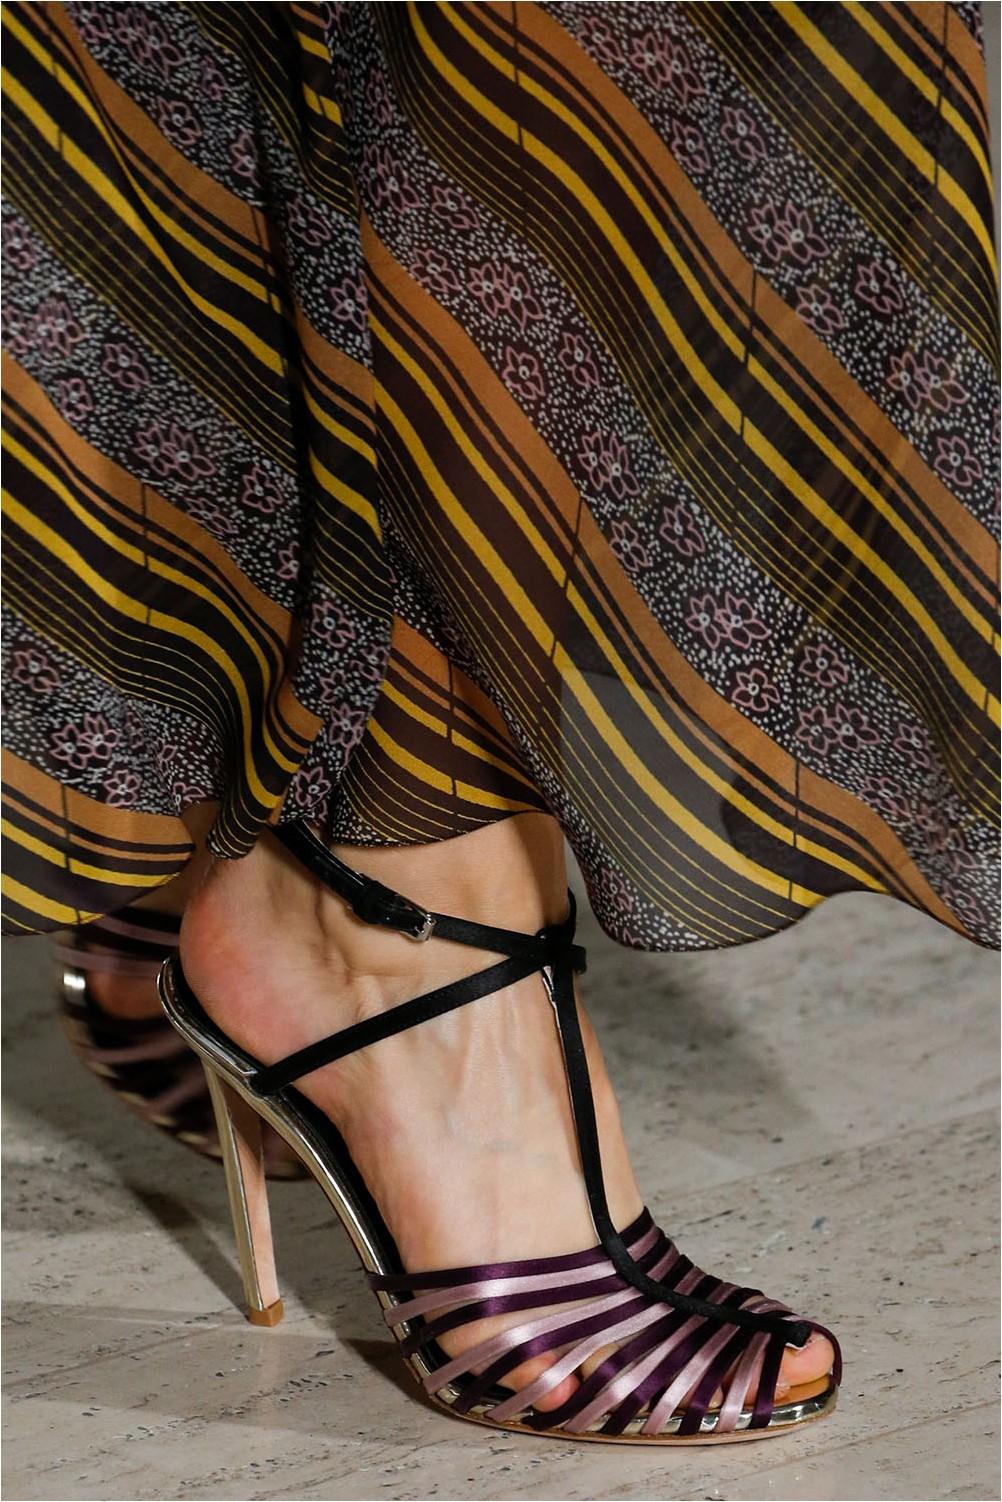 Giambattista Valli Strap Shoes